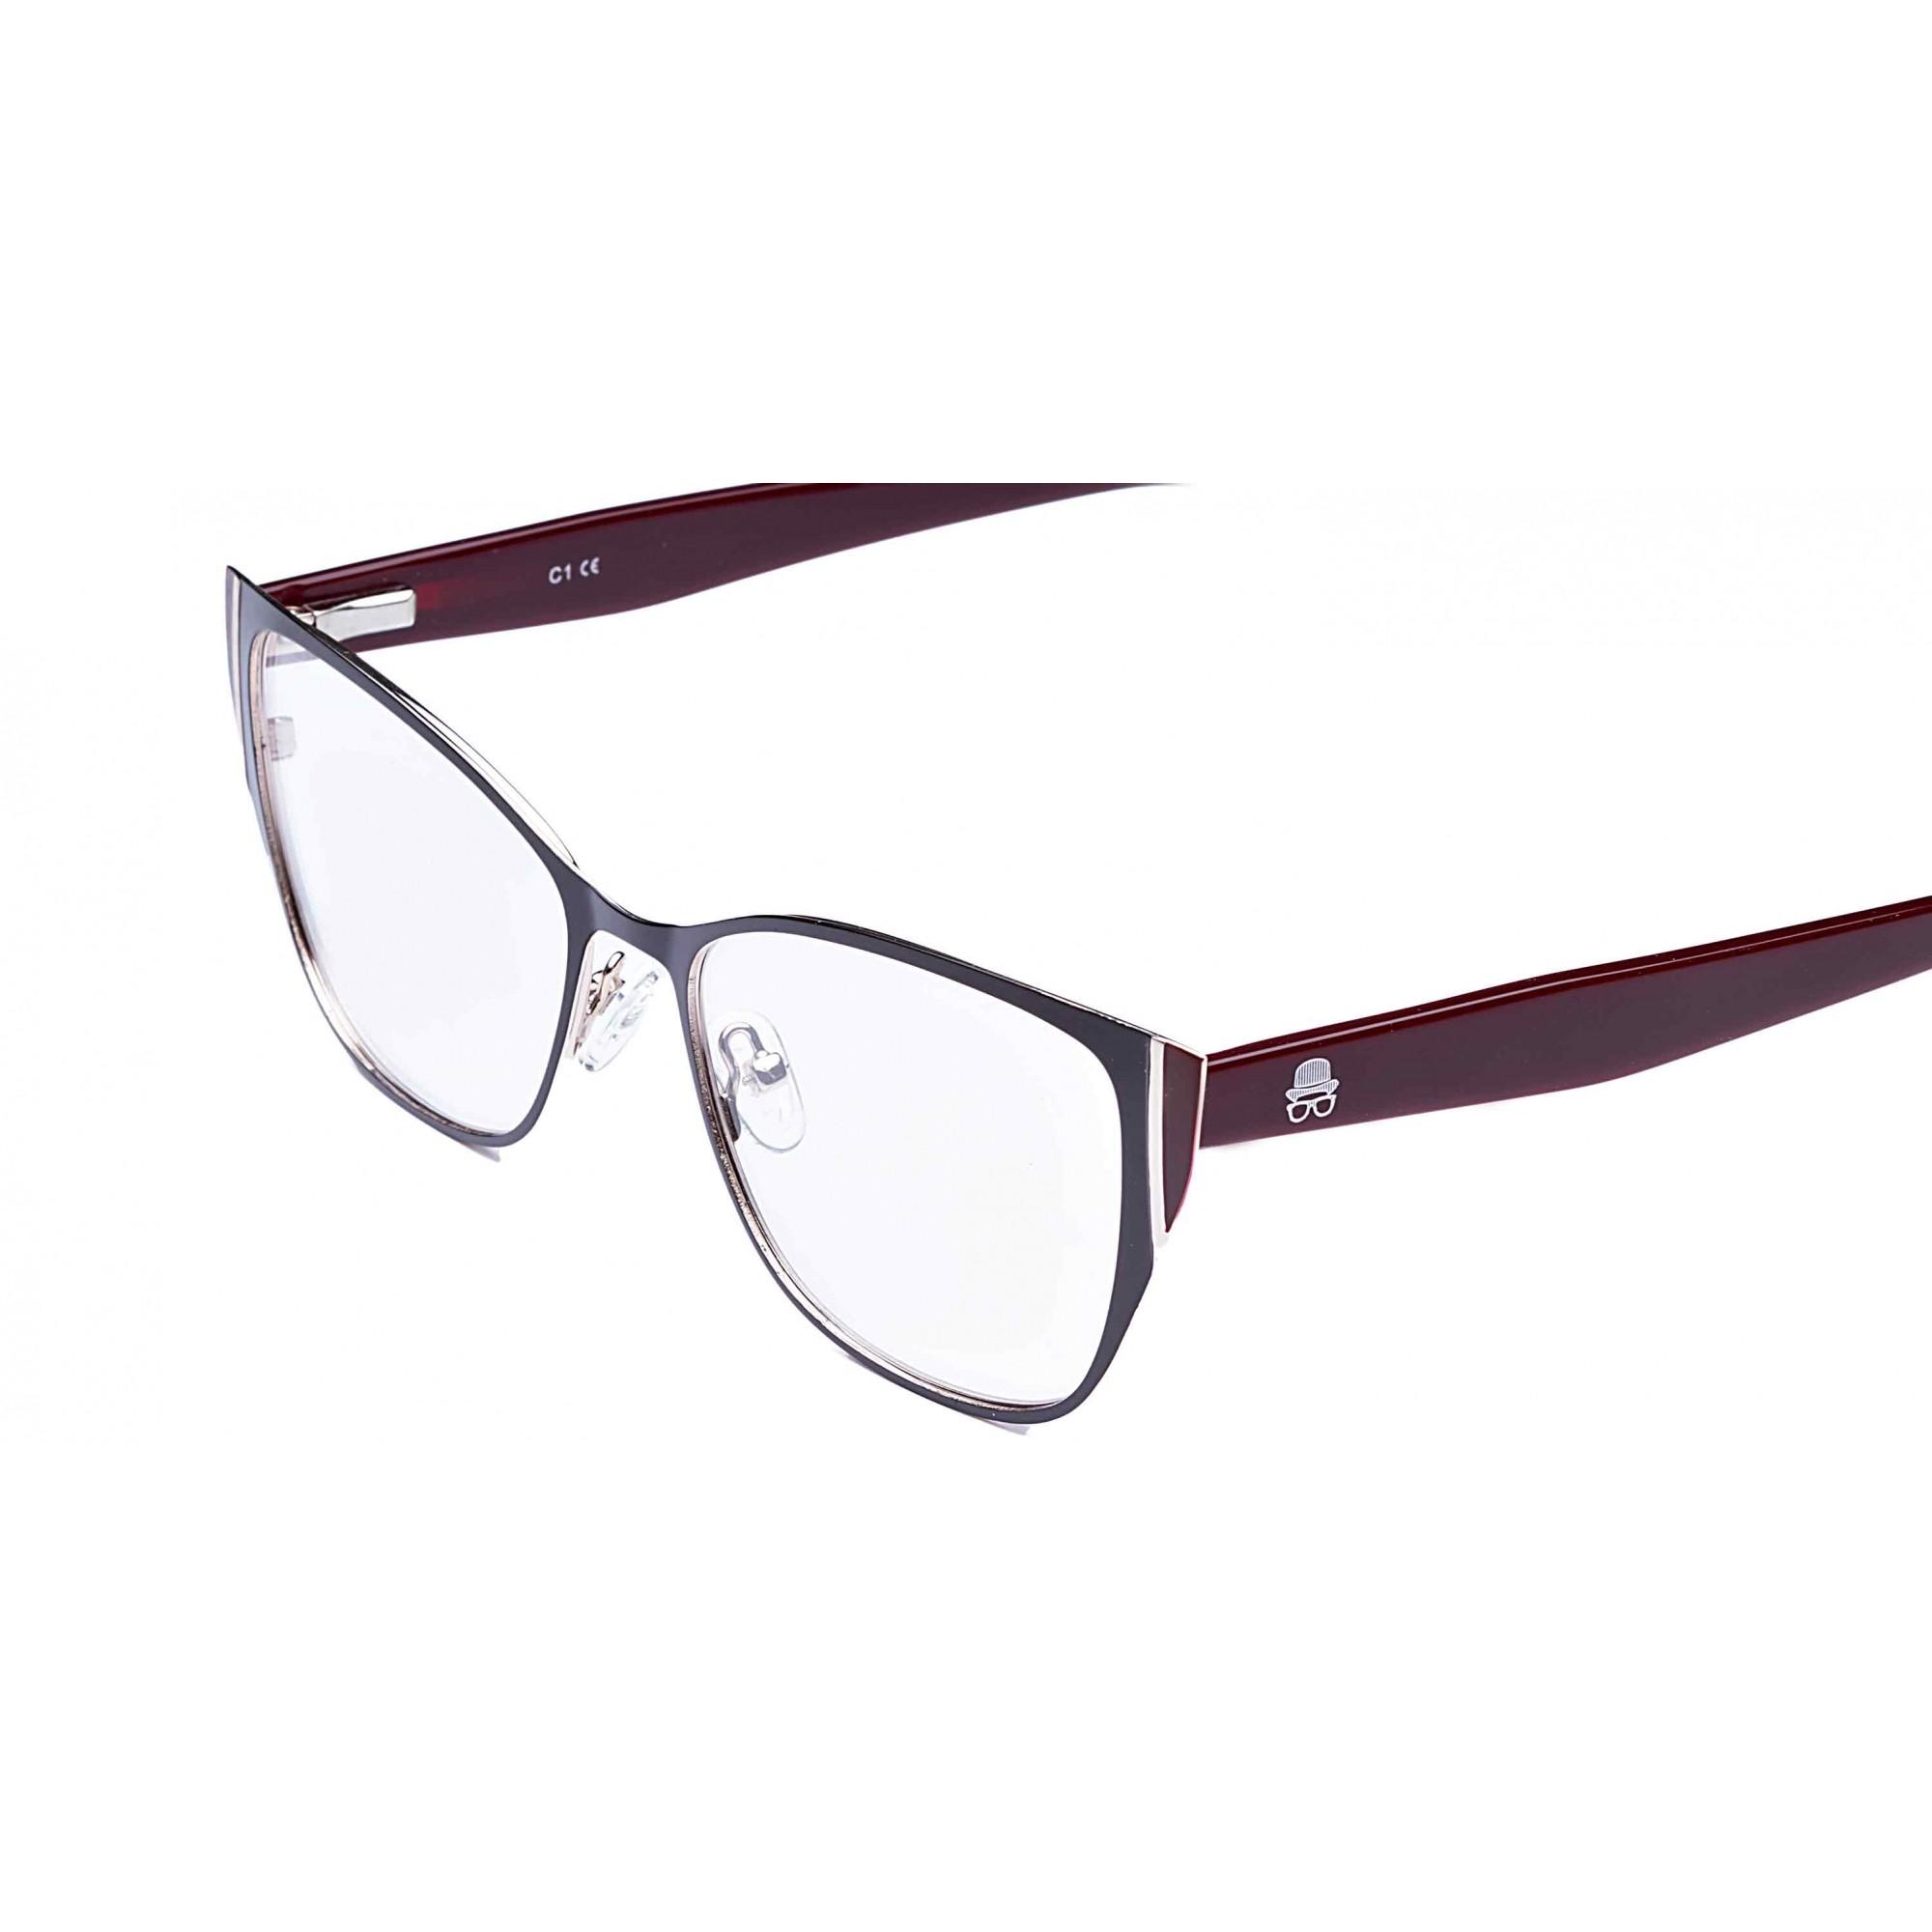 Óculos de Grau Lulu Rafael Lopes Eyewear